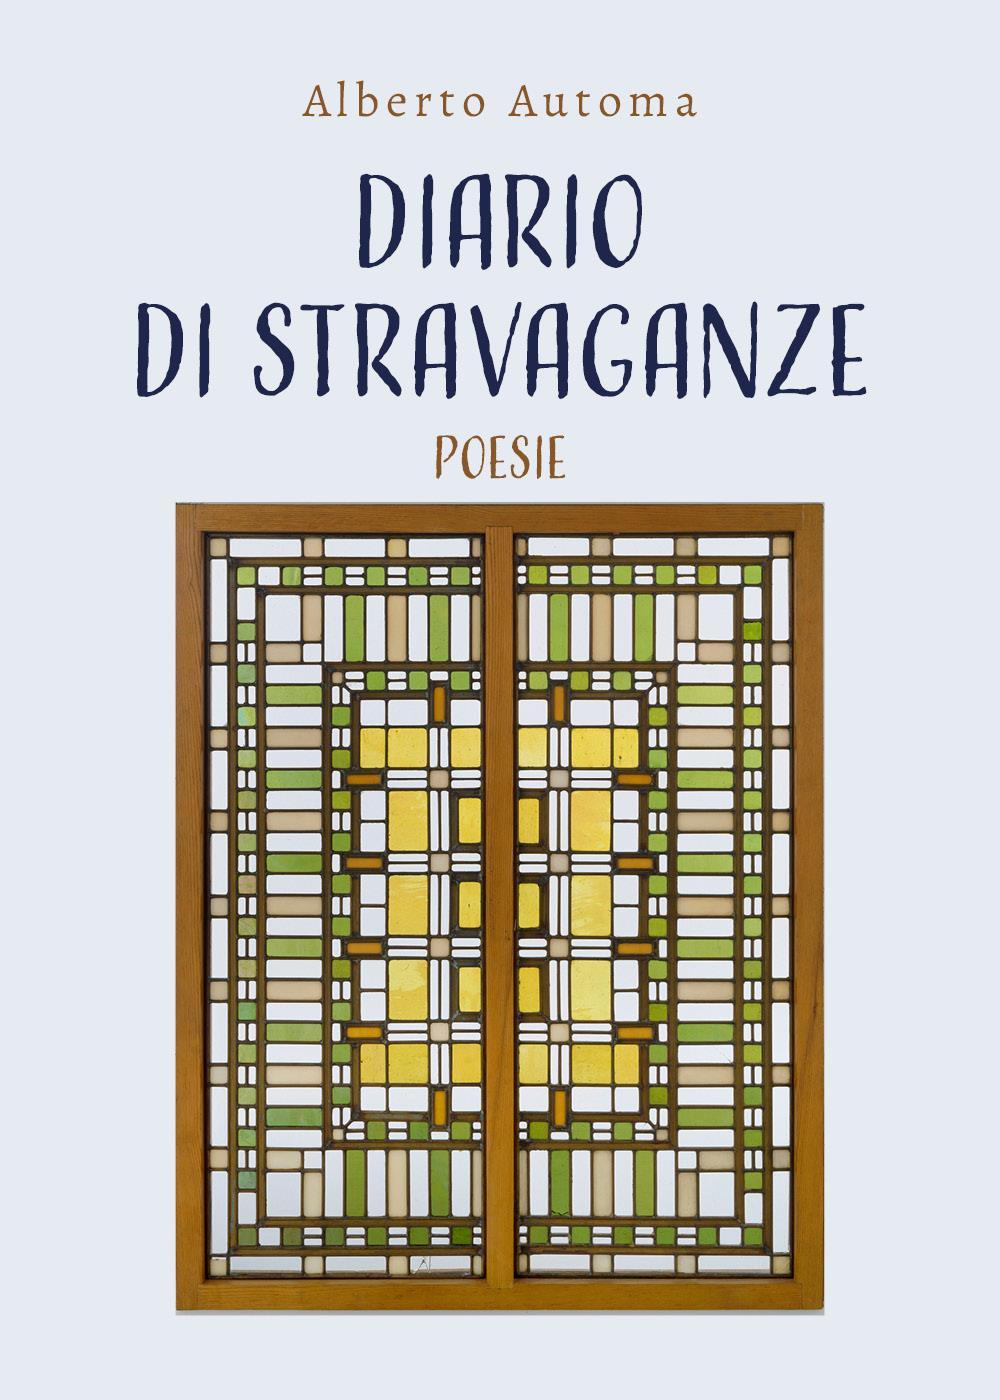 Diario di stravaganze